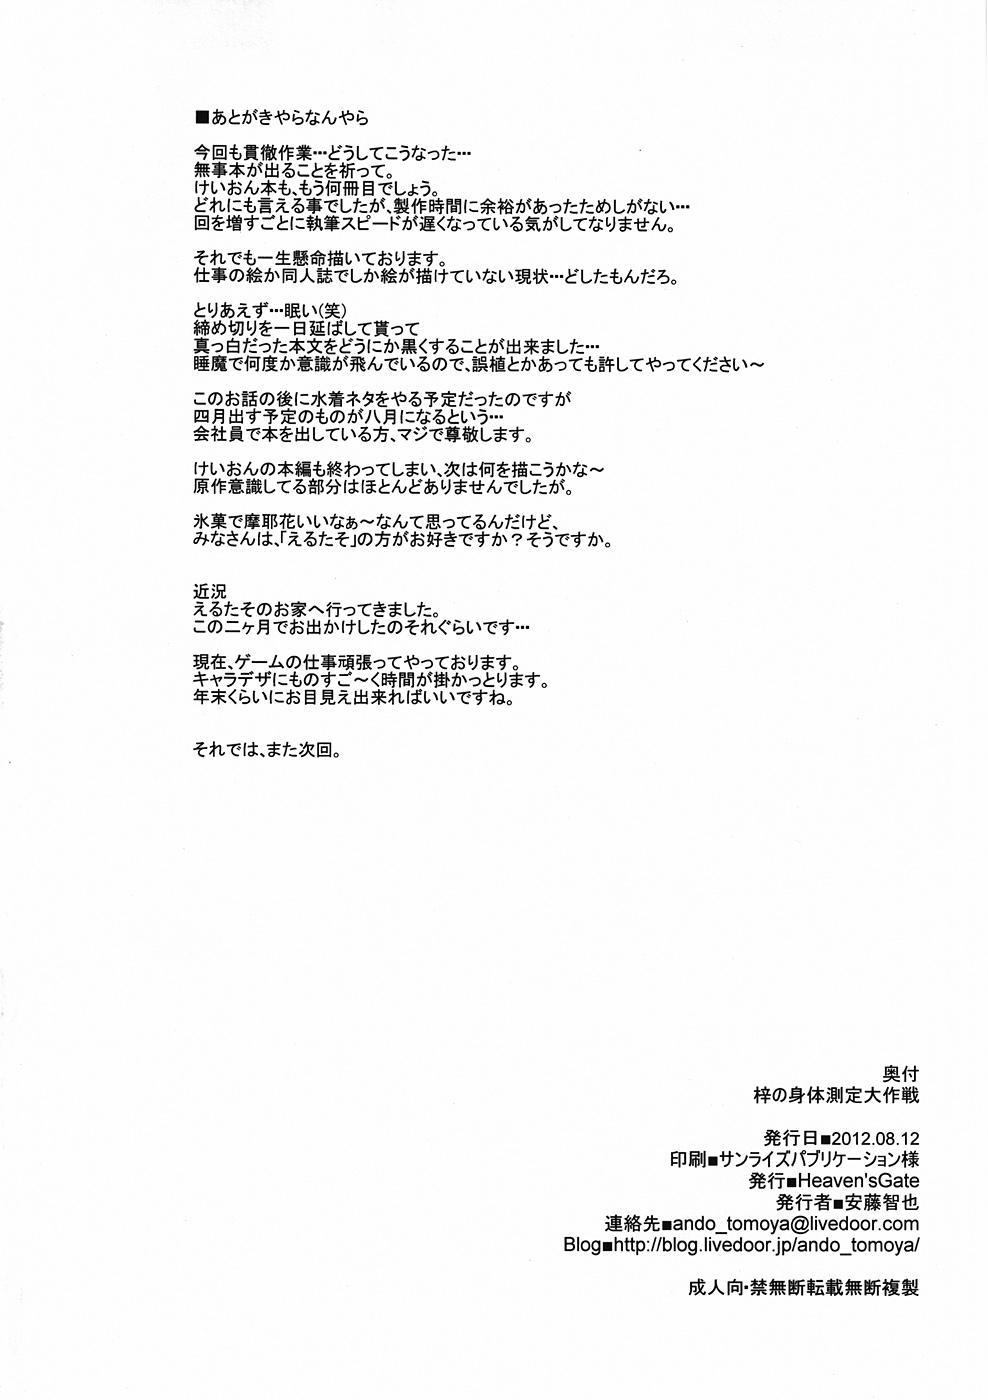 Azusa no Shintai Kensa Daisakusen 24